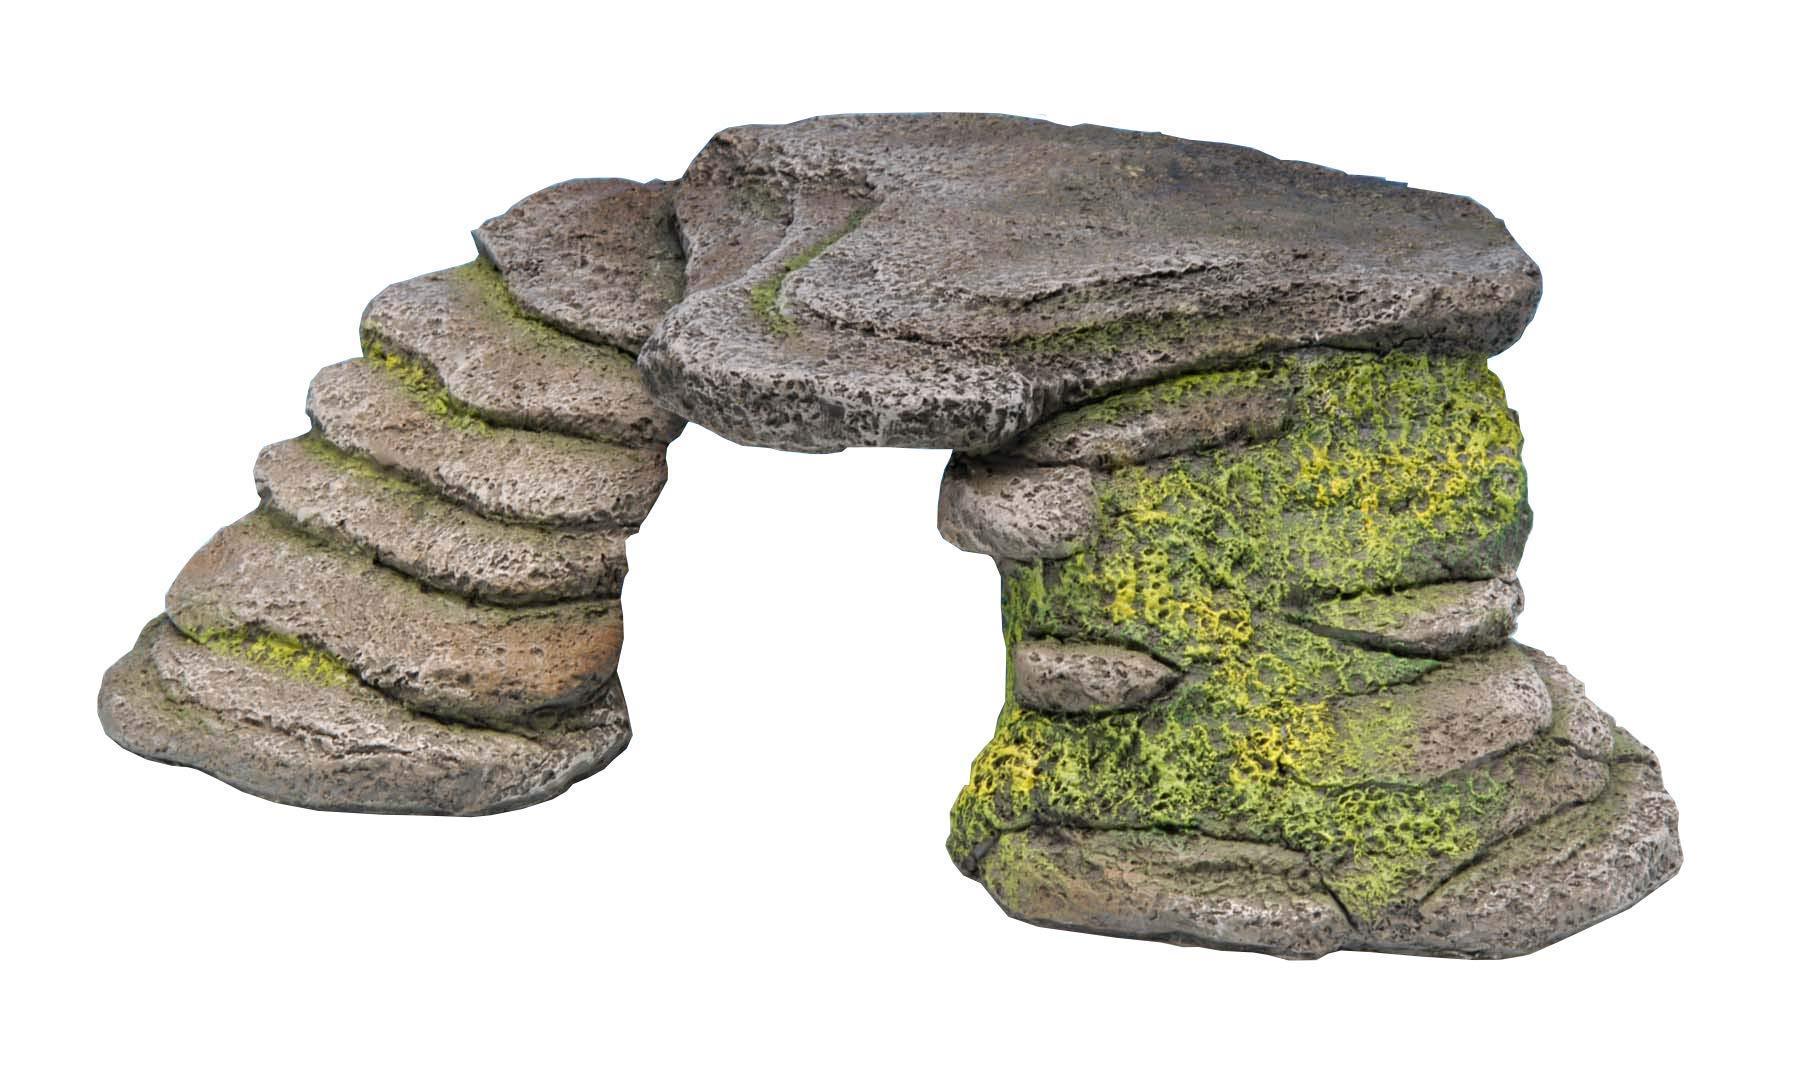 Penn-Plax Reptology Shale Step Ledge for Aquariums & Terrariums, Adds Hiding Spots, Swim Throughs, Basking Ledges for…